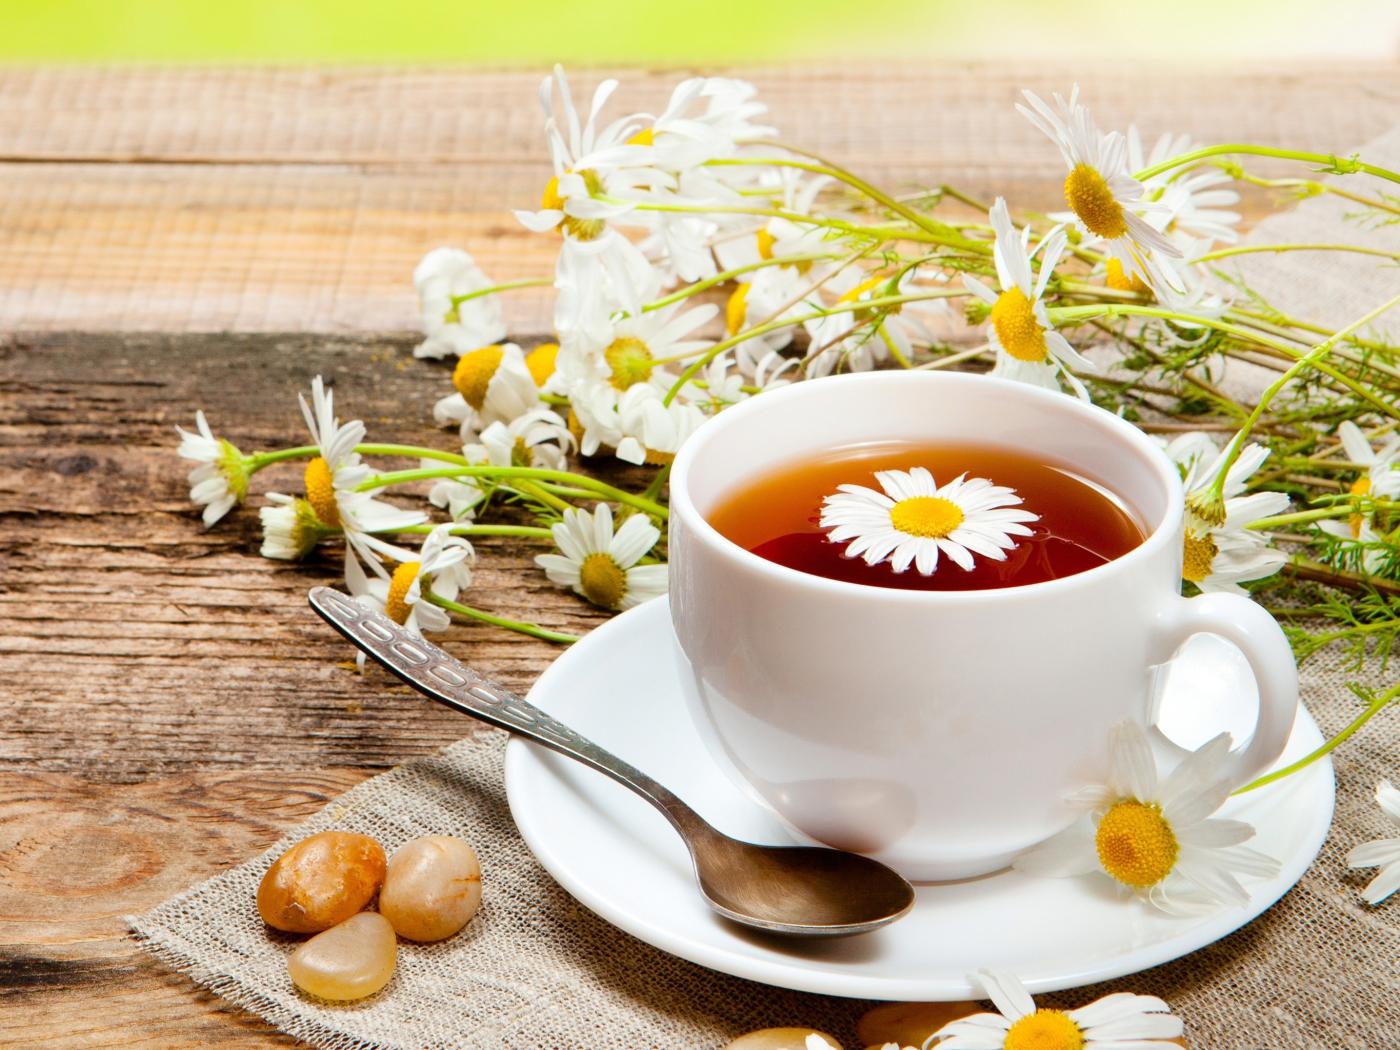 гладкий, фото чашечки кофе и ромашки на столе приди без макияжа